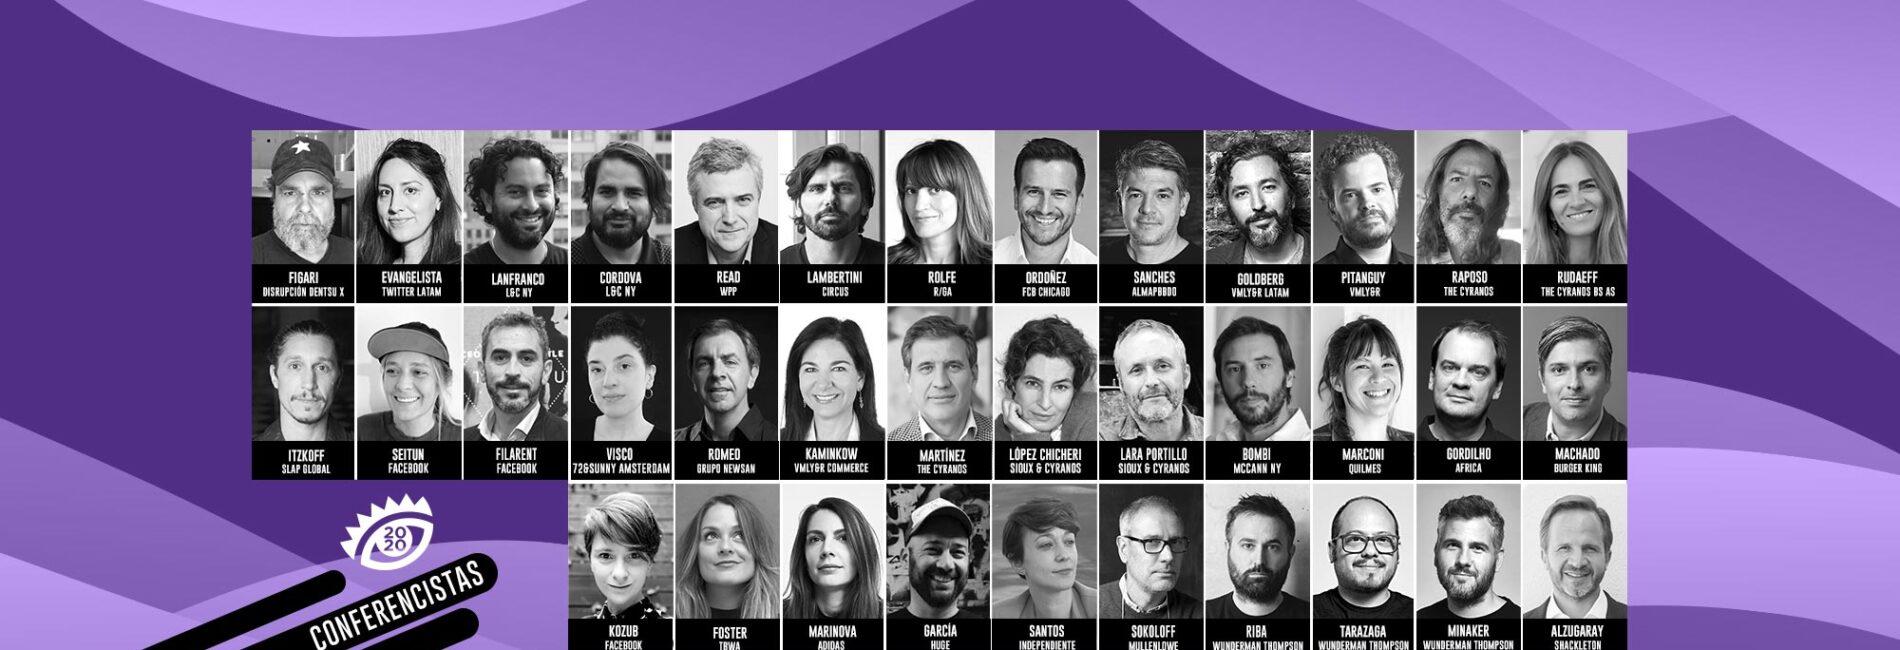 Conferencistas 2020